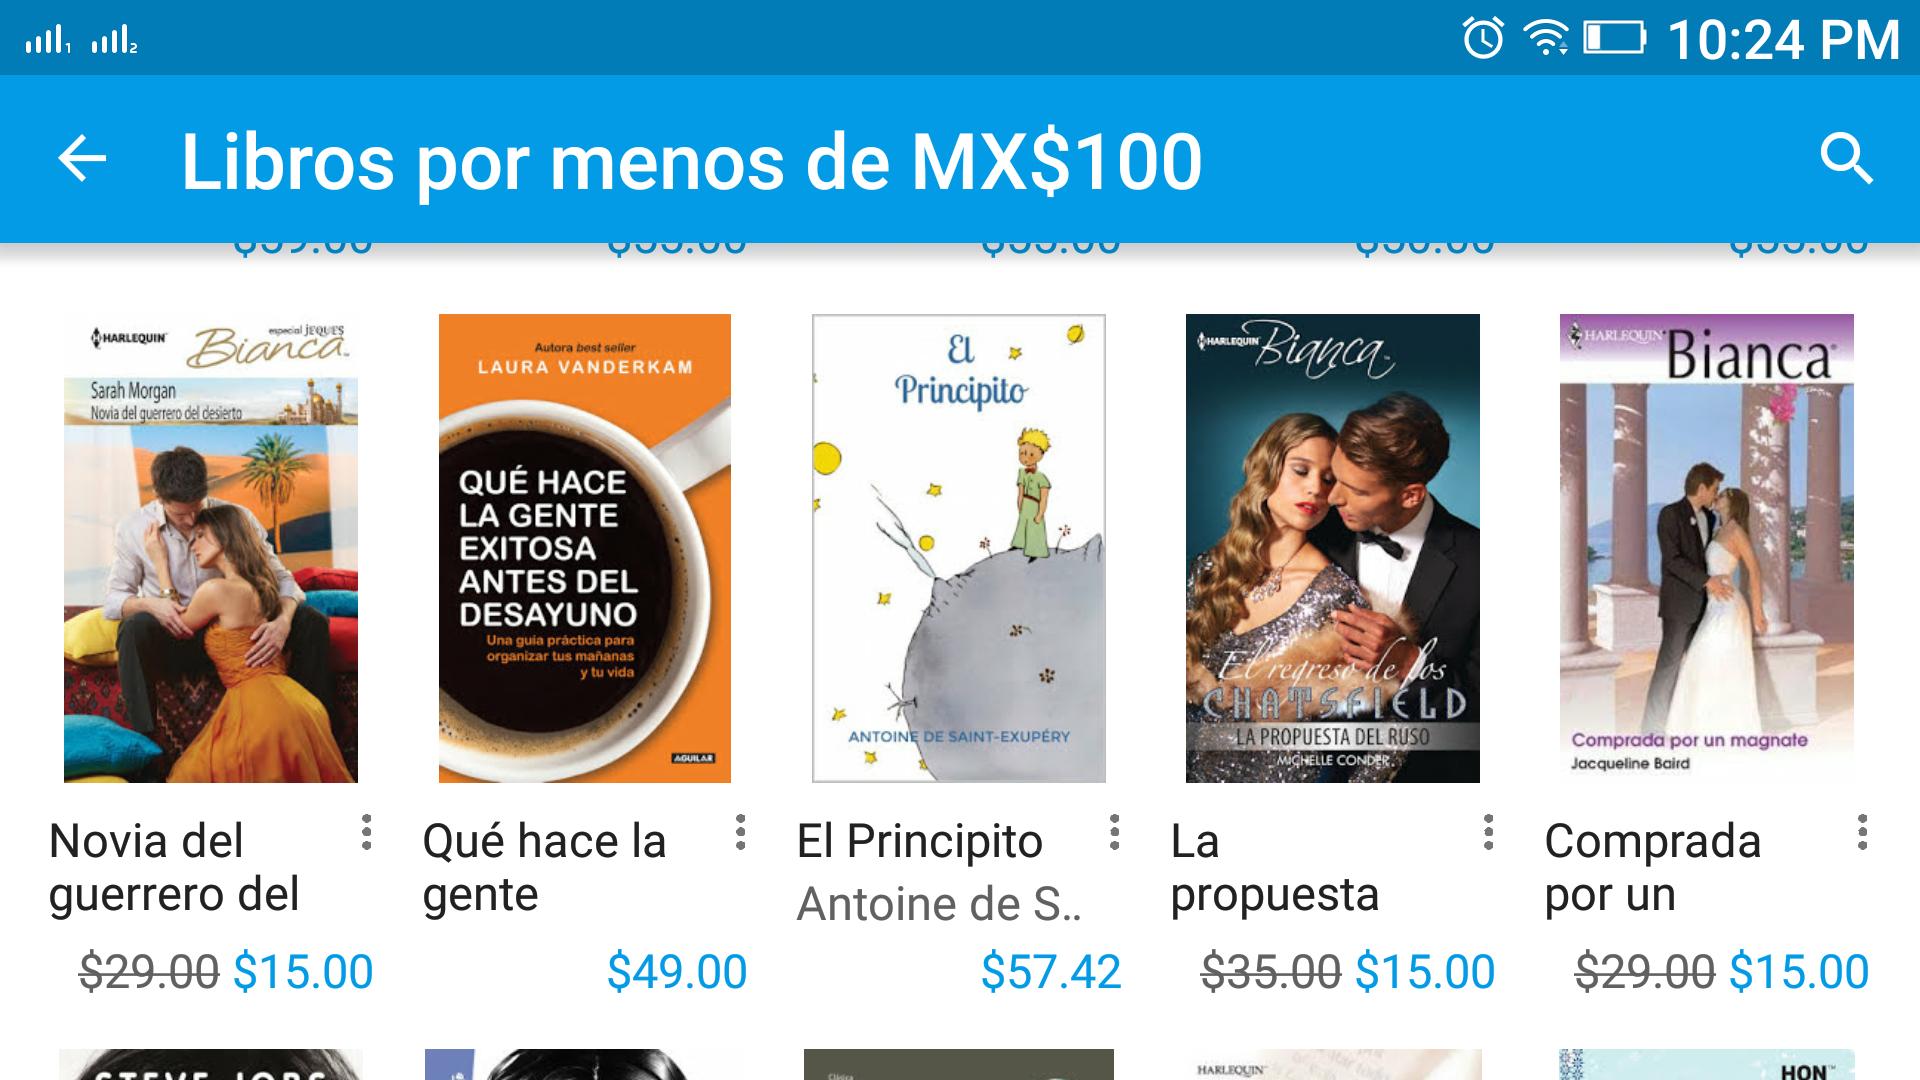 Google Play: Libros por menos de $100